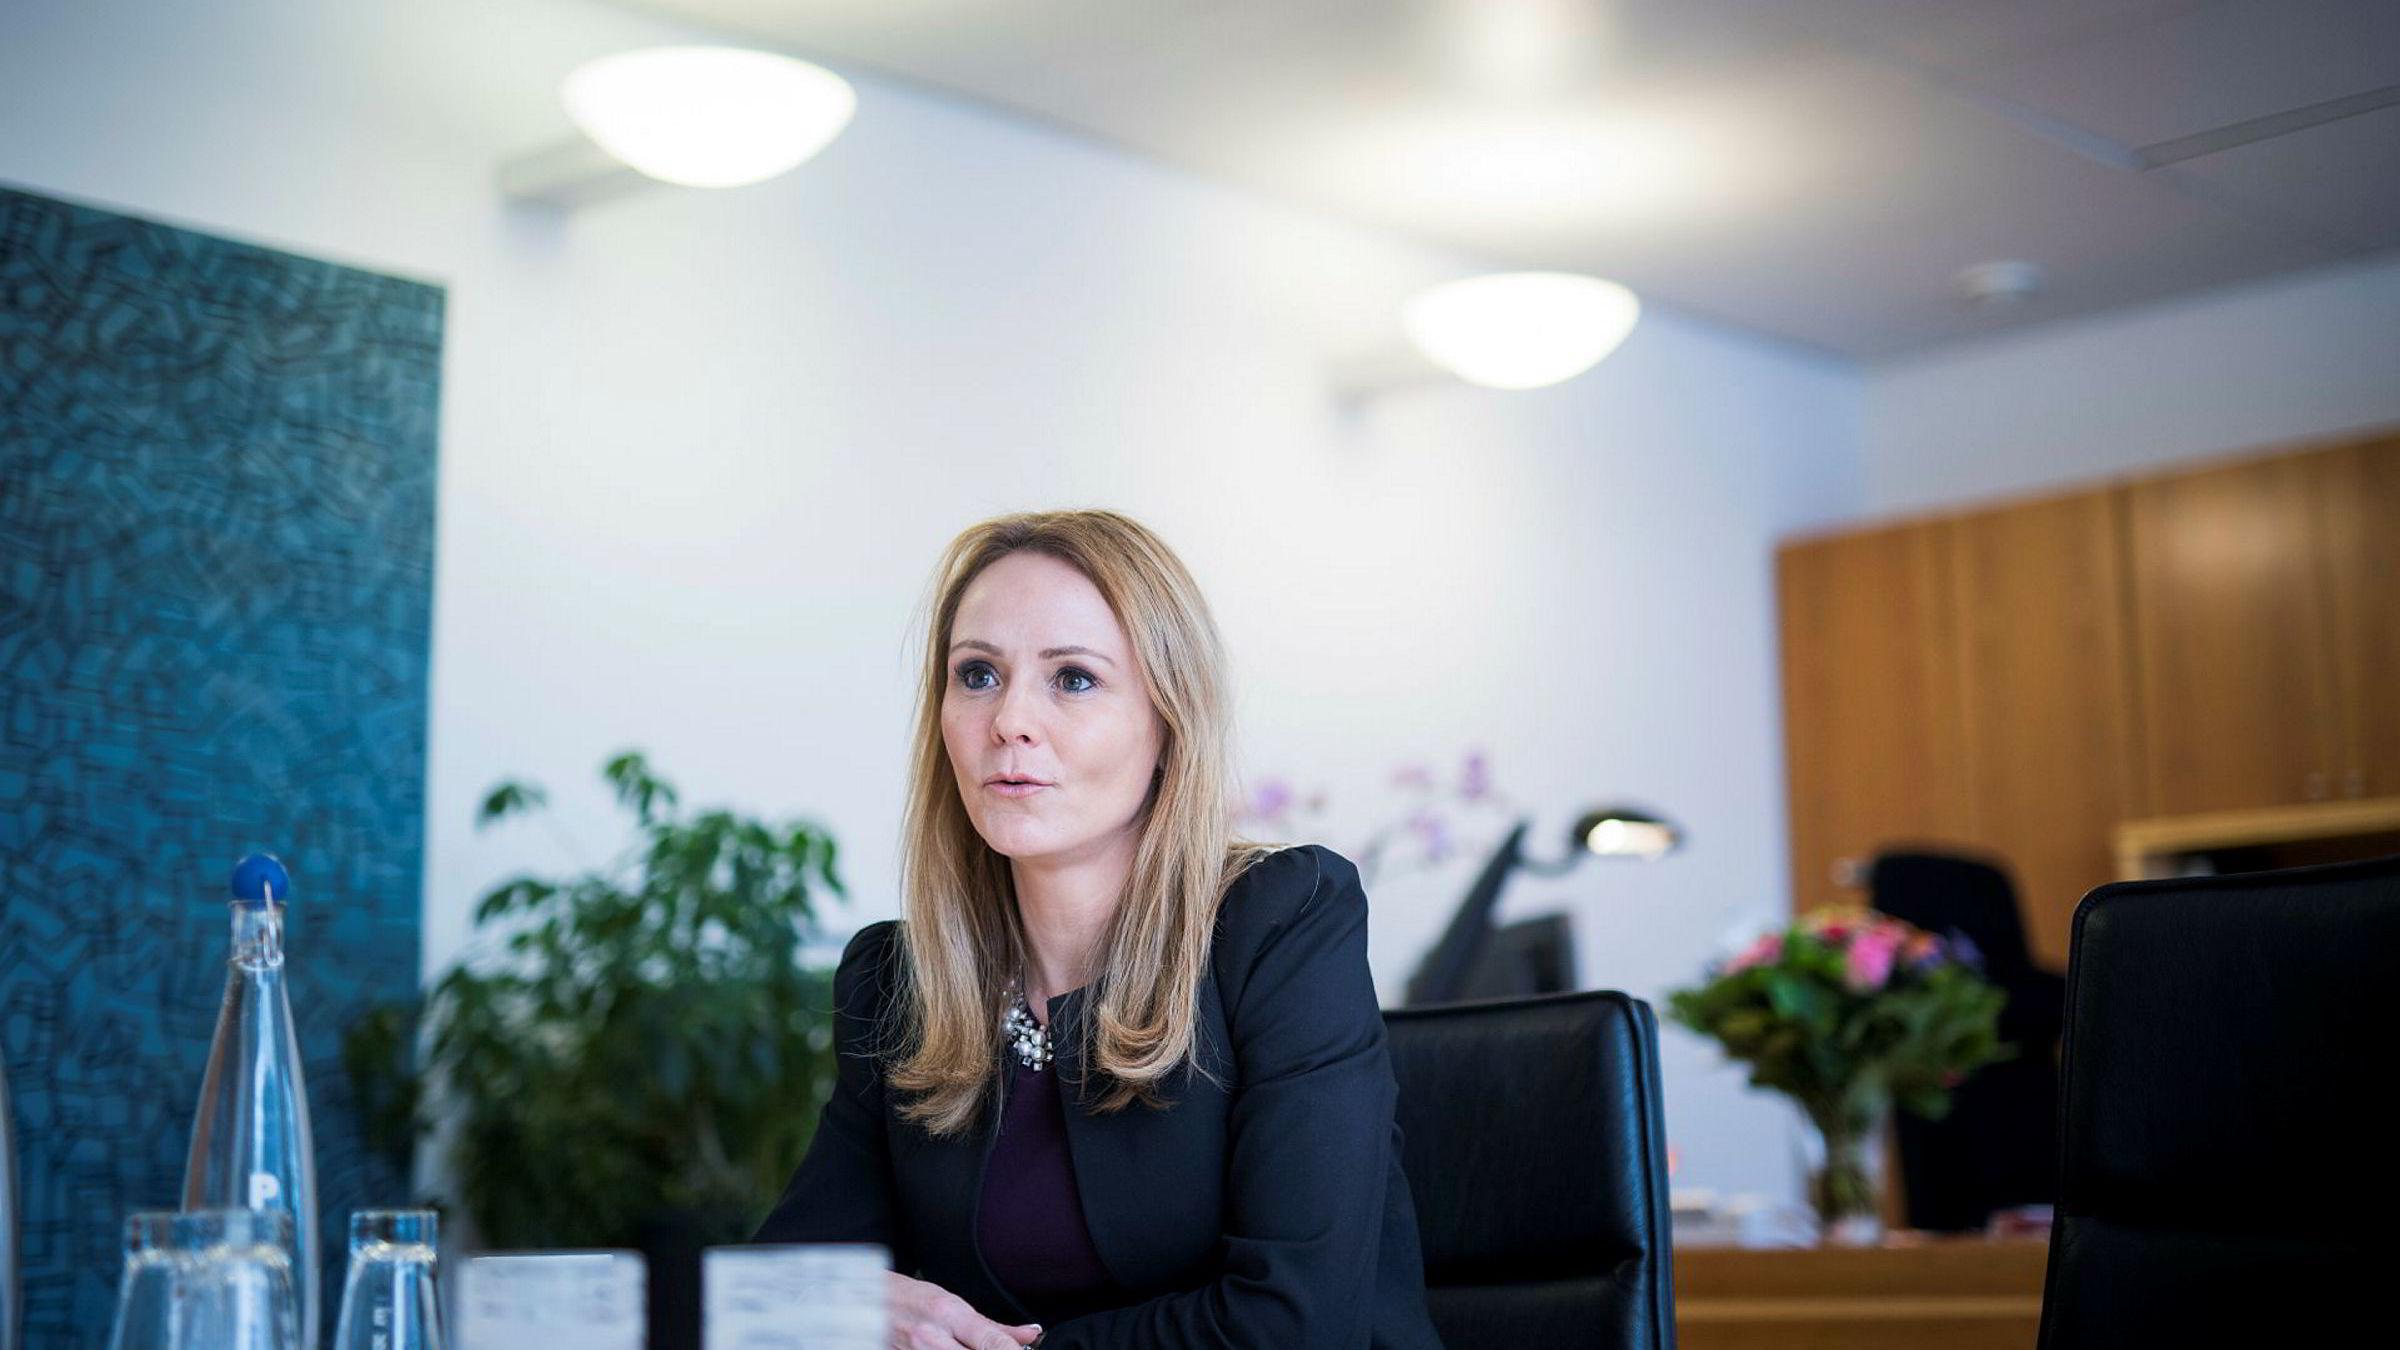 Eventuelle endringer i foreldrepengeordningen bør være resultat av en nasjonal prosess, ikke noe Esa bør avgjøre, sier barne- og likestillingsminister Linda Hofstad Helleland.